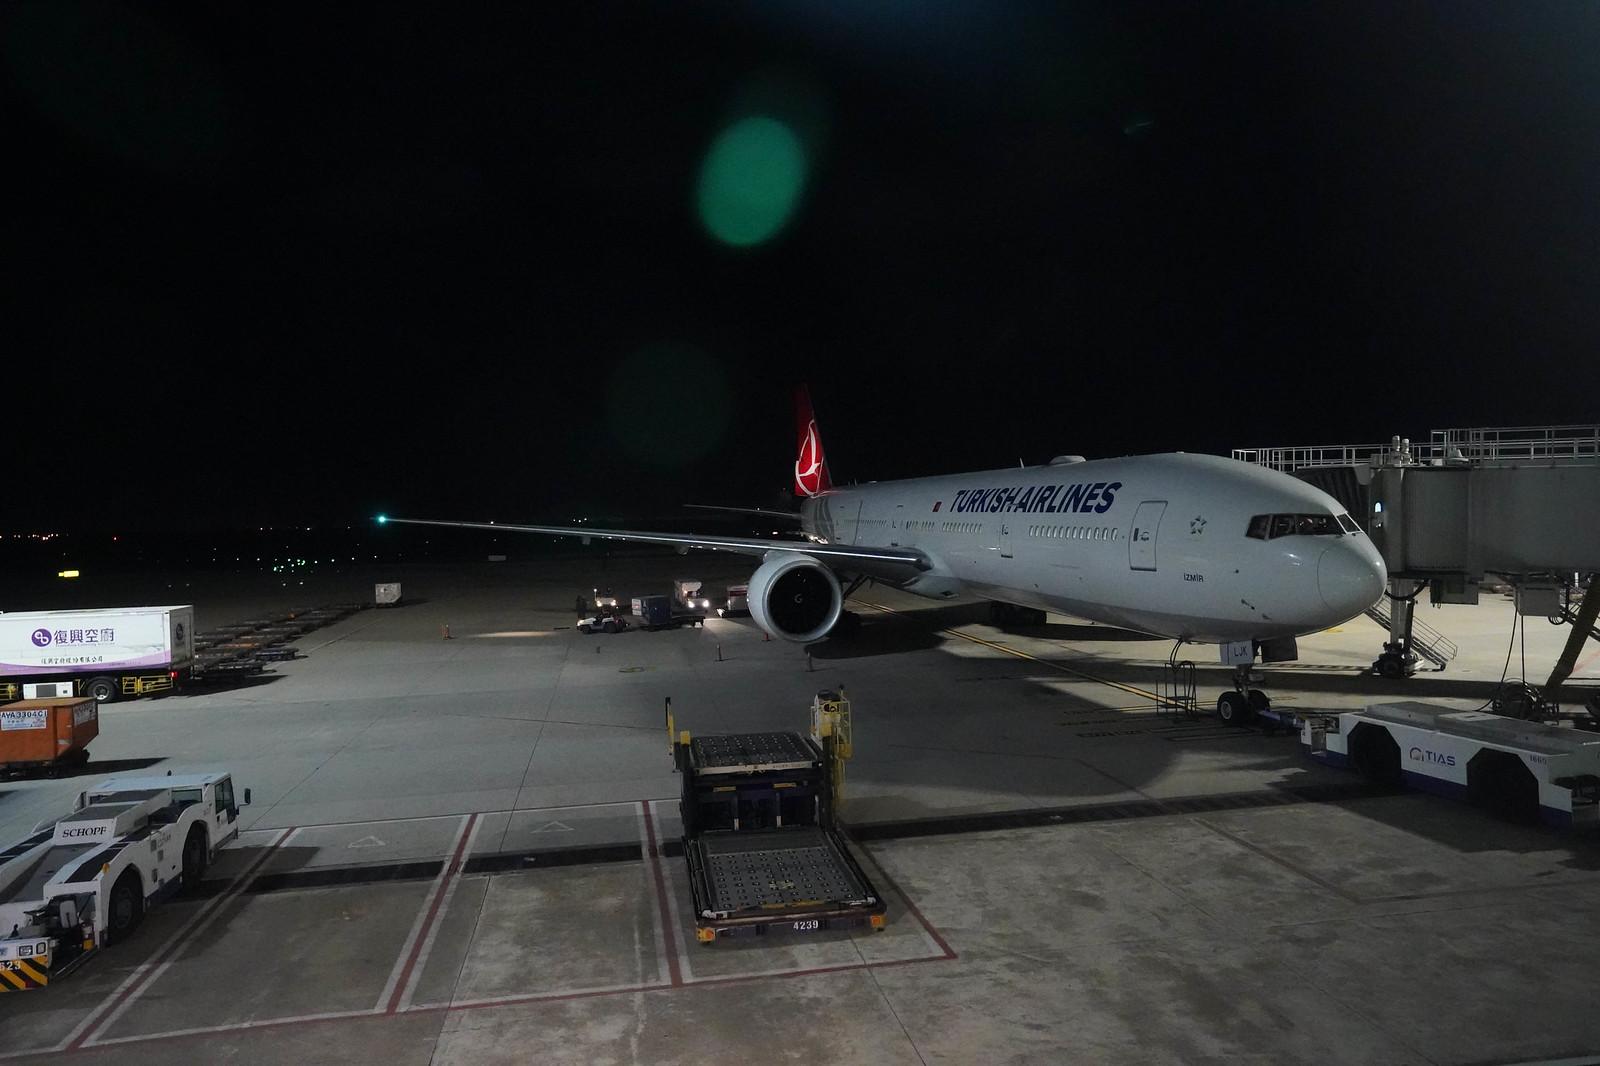 登上 土耳其航空 前往 土耳其旅遊